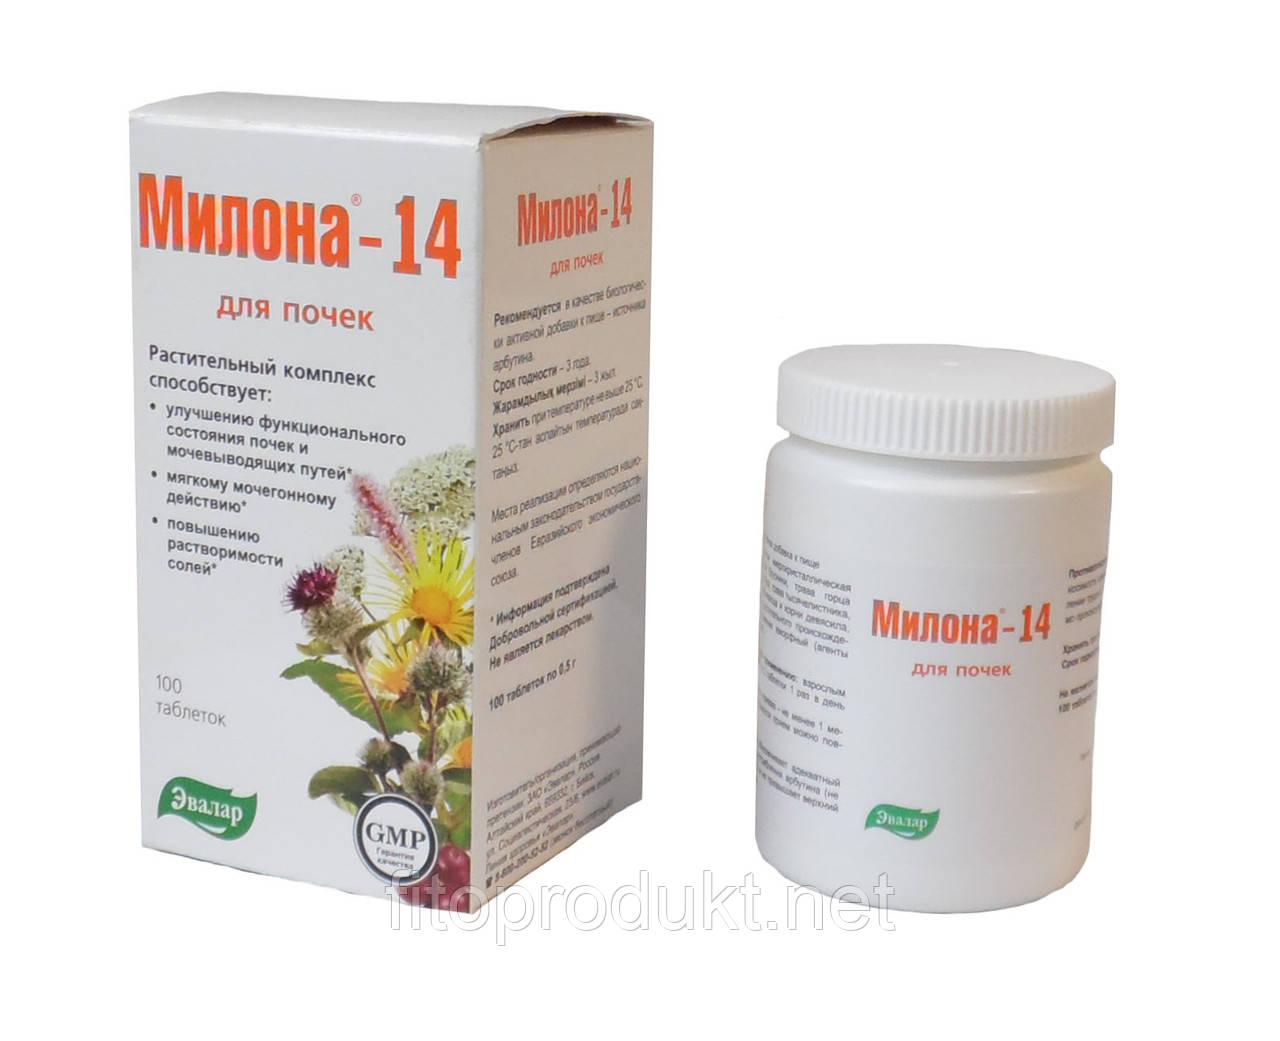 Милона-14 для почек 100 таблеток Эвалар